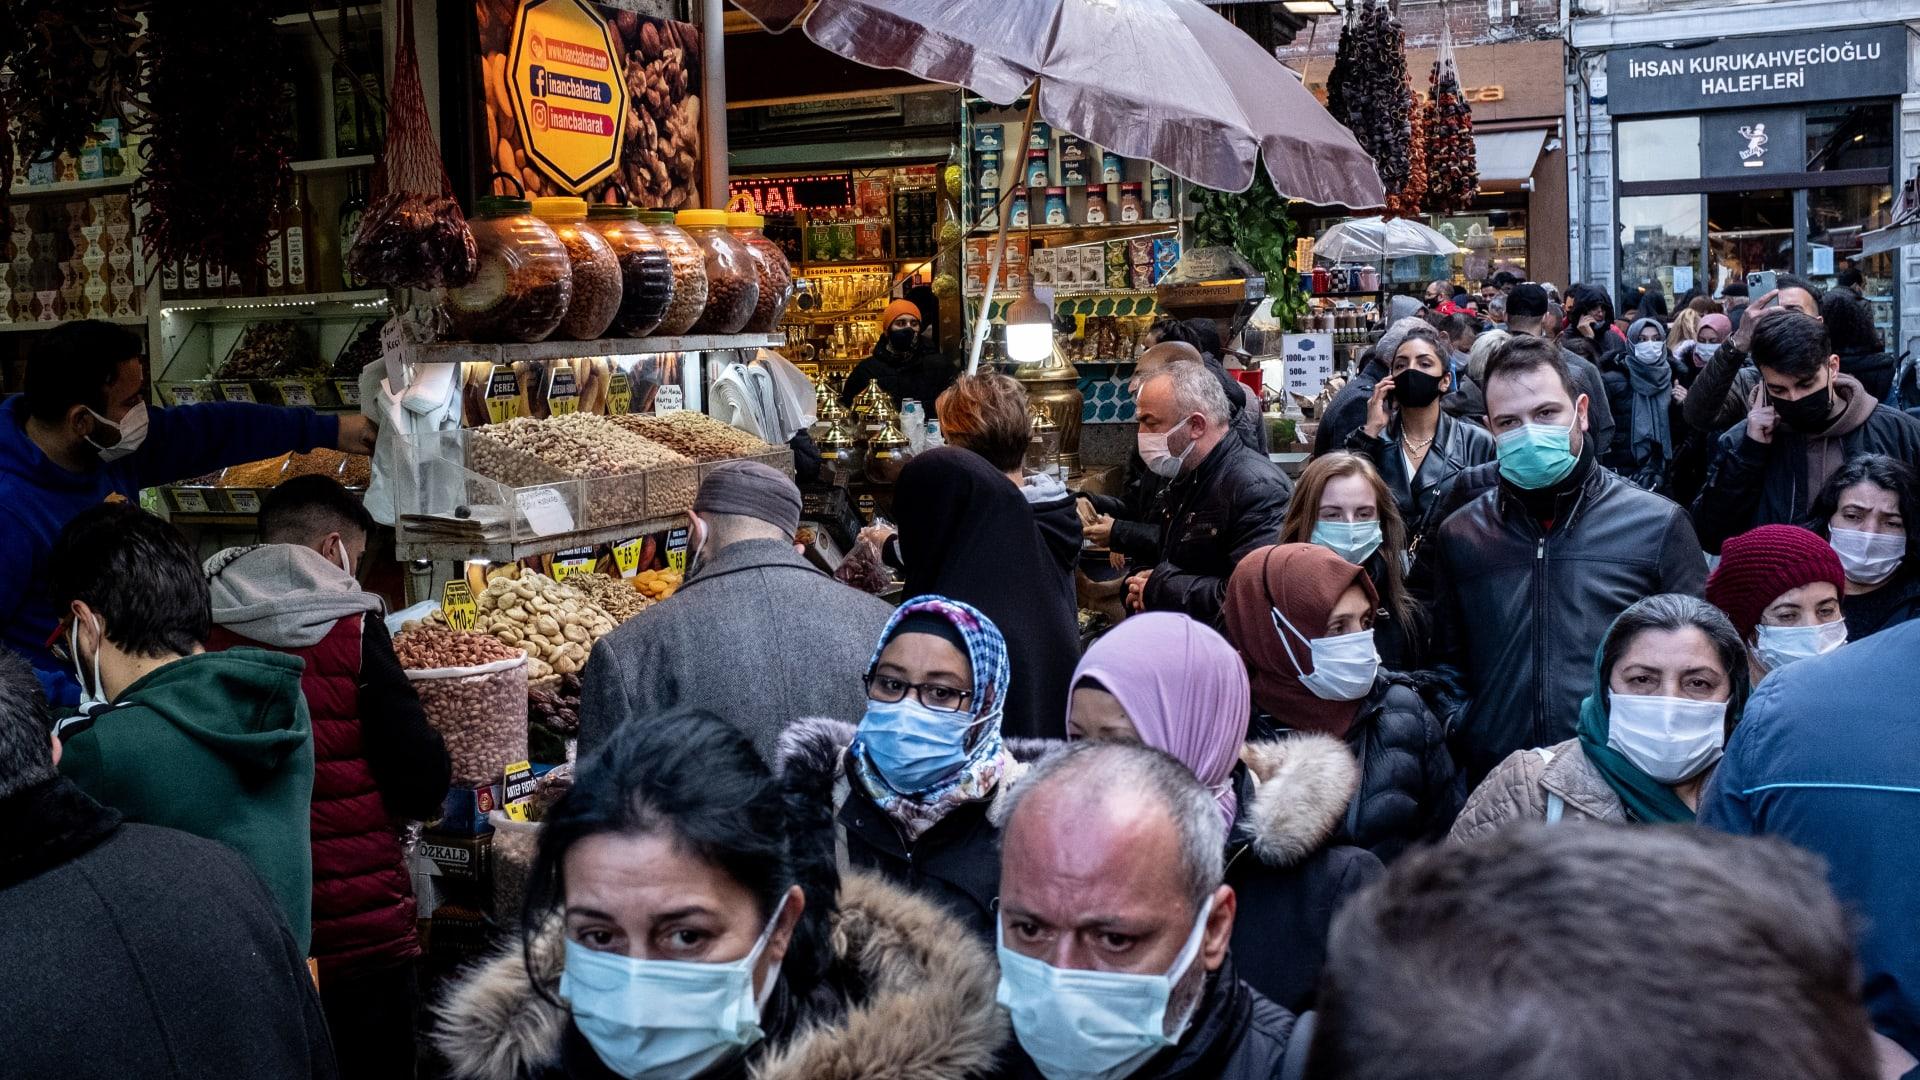 الصحة العالمية تقدم إرشادات محدثة لمواجهة كورونا في رمضان